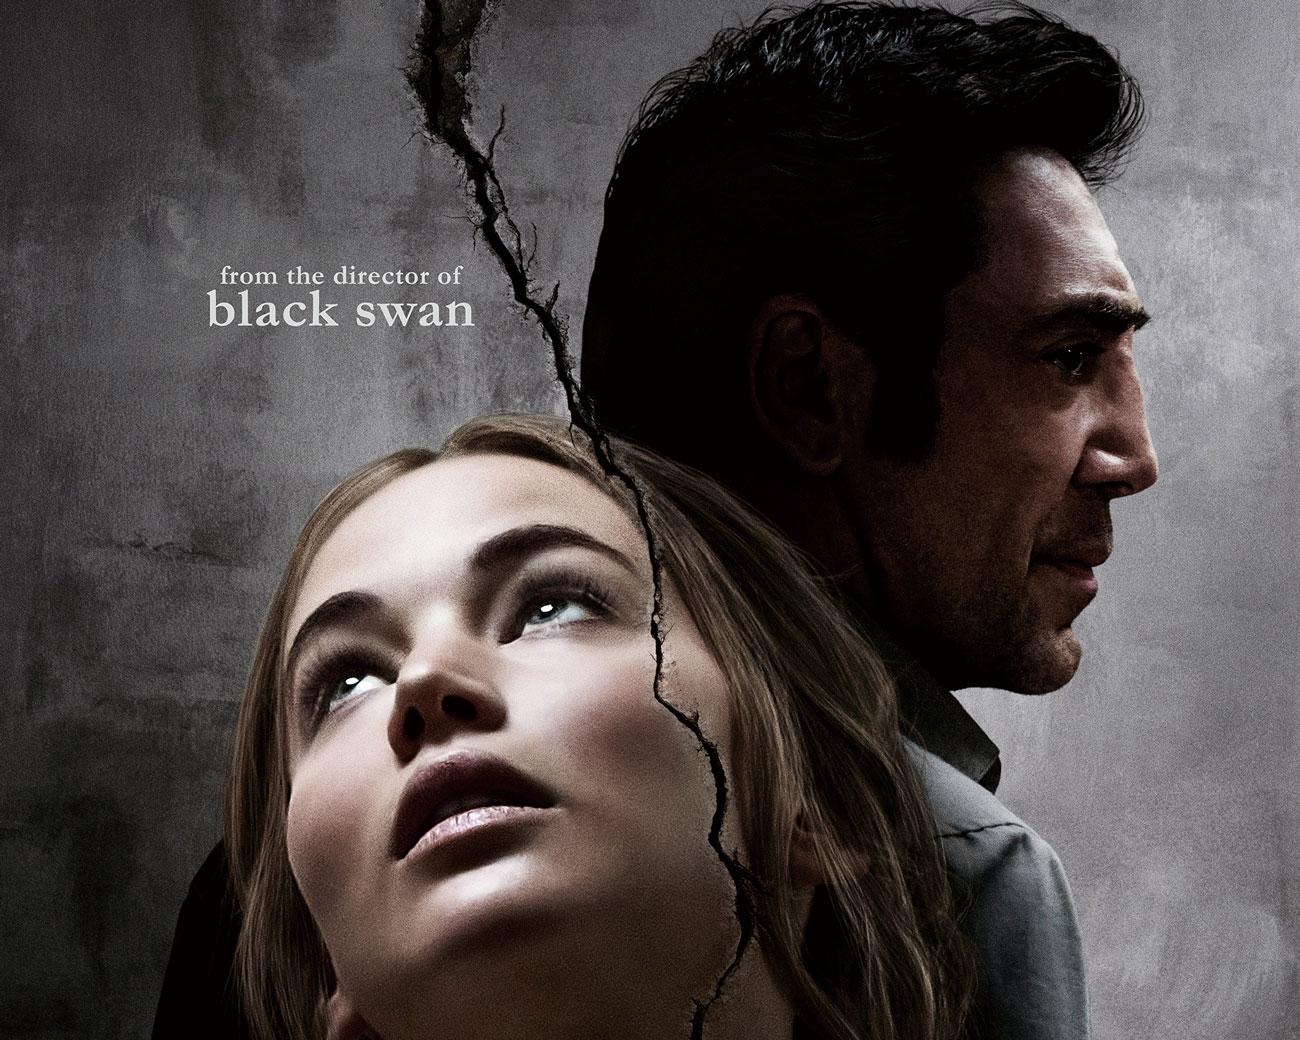 《黑天鹅》之后,导演达伦·阿罗诺夫斯基新作《母亲》再掀波澜